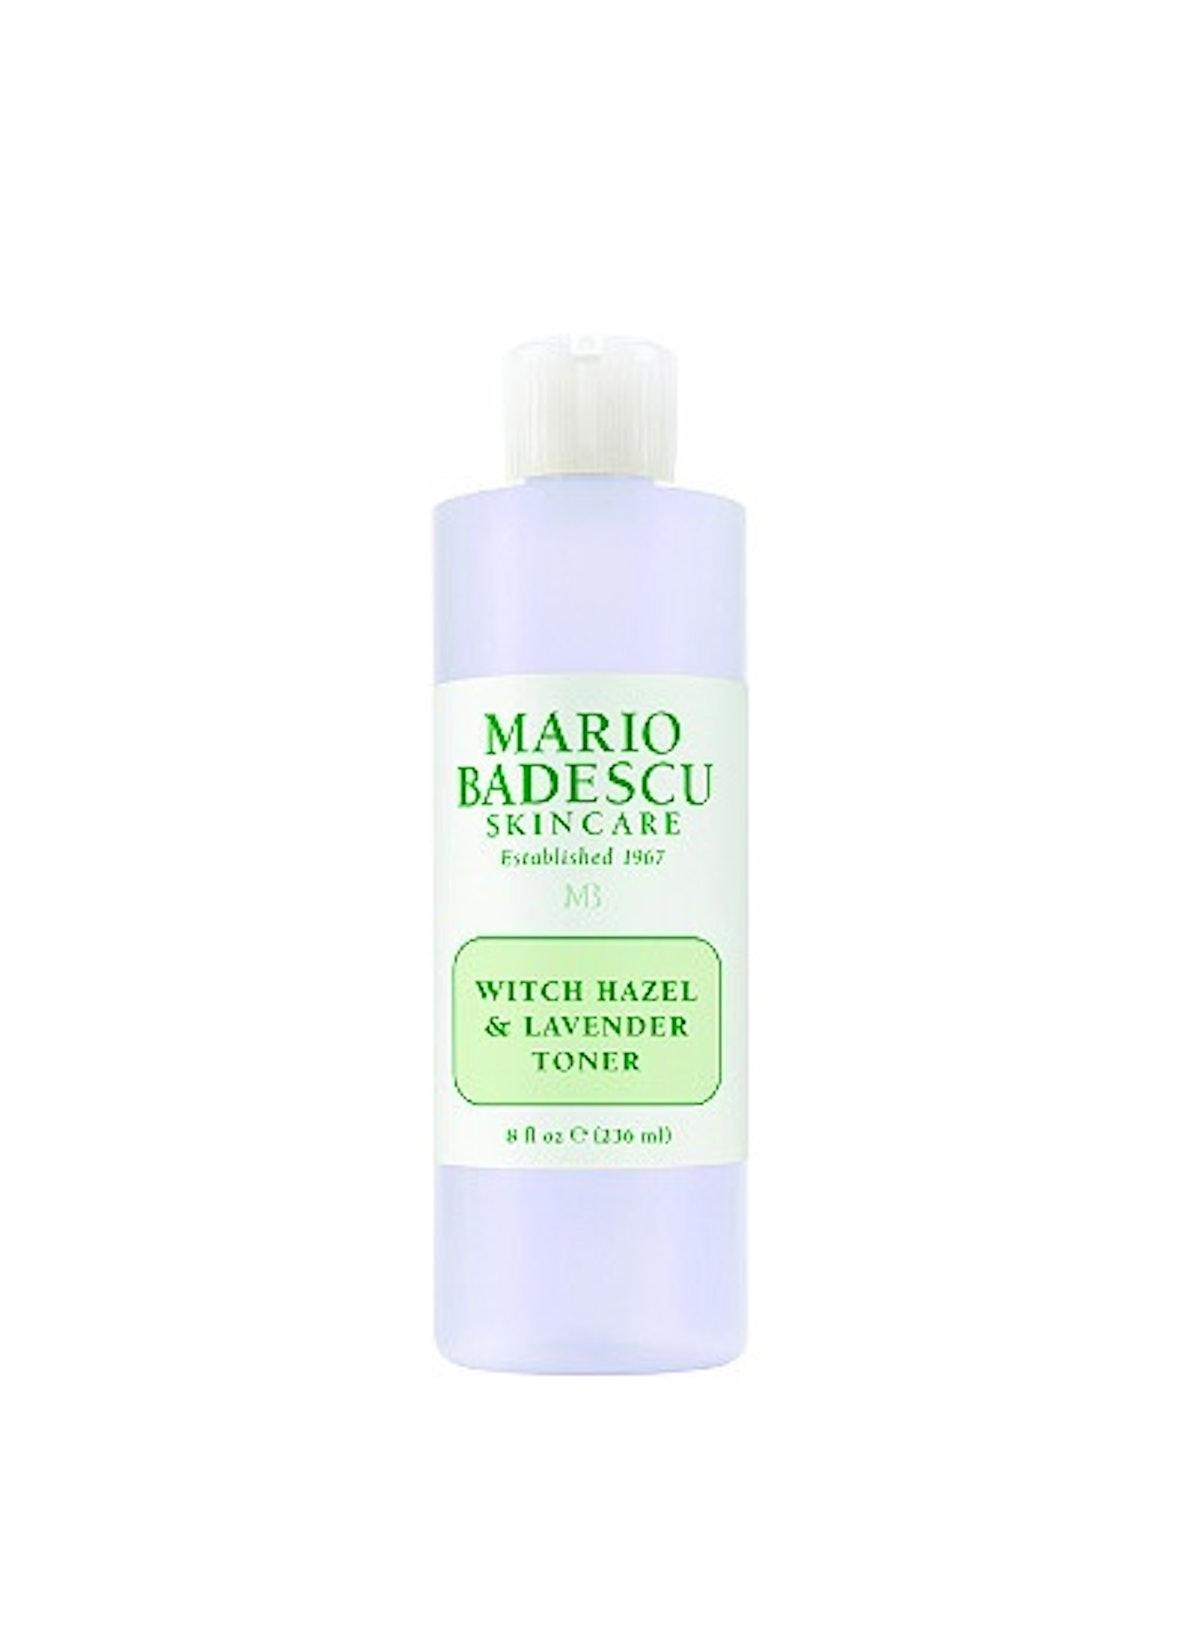 Mario Badescu Witch Hazel & Lavender Toner